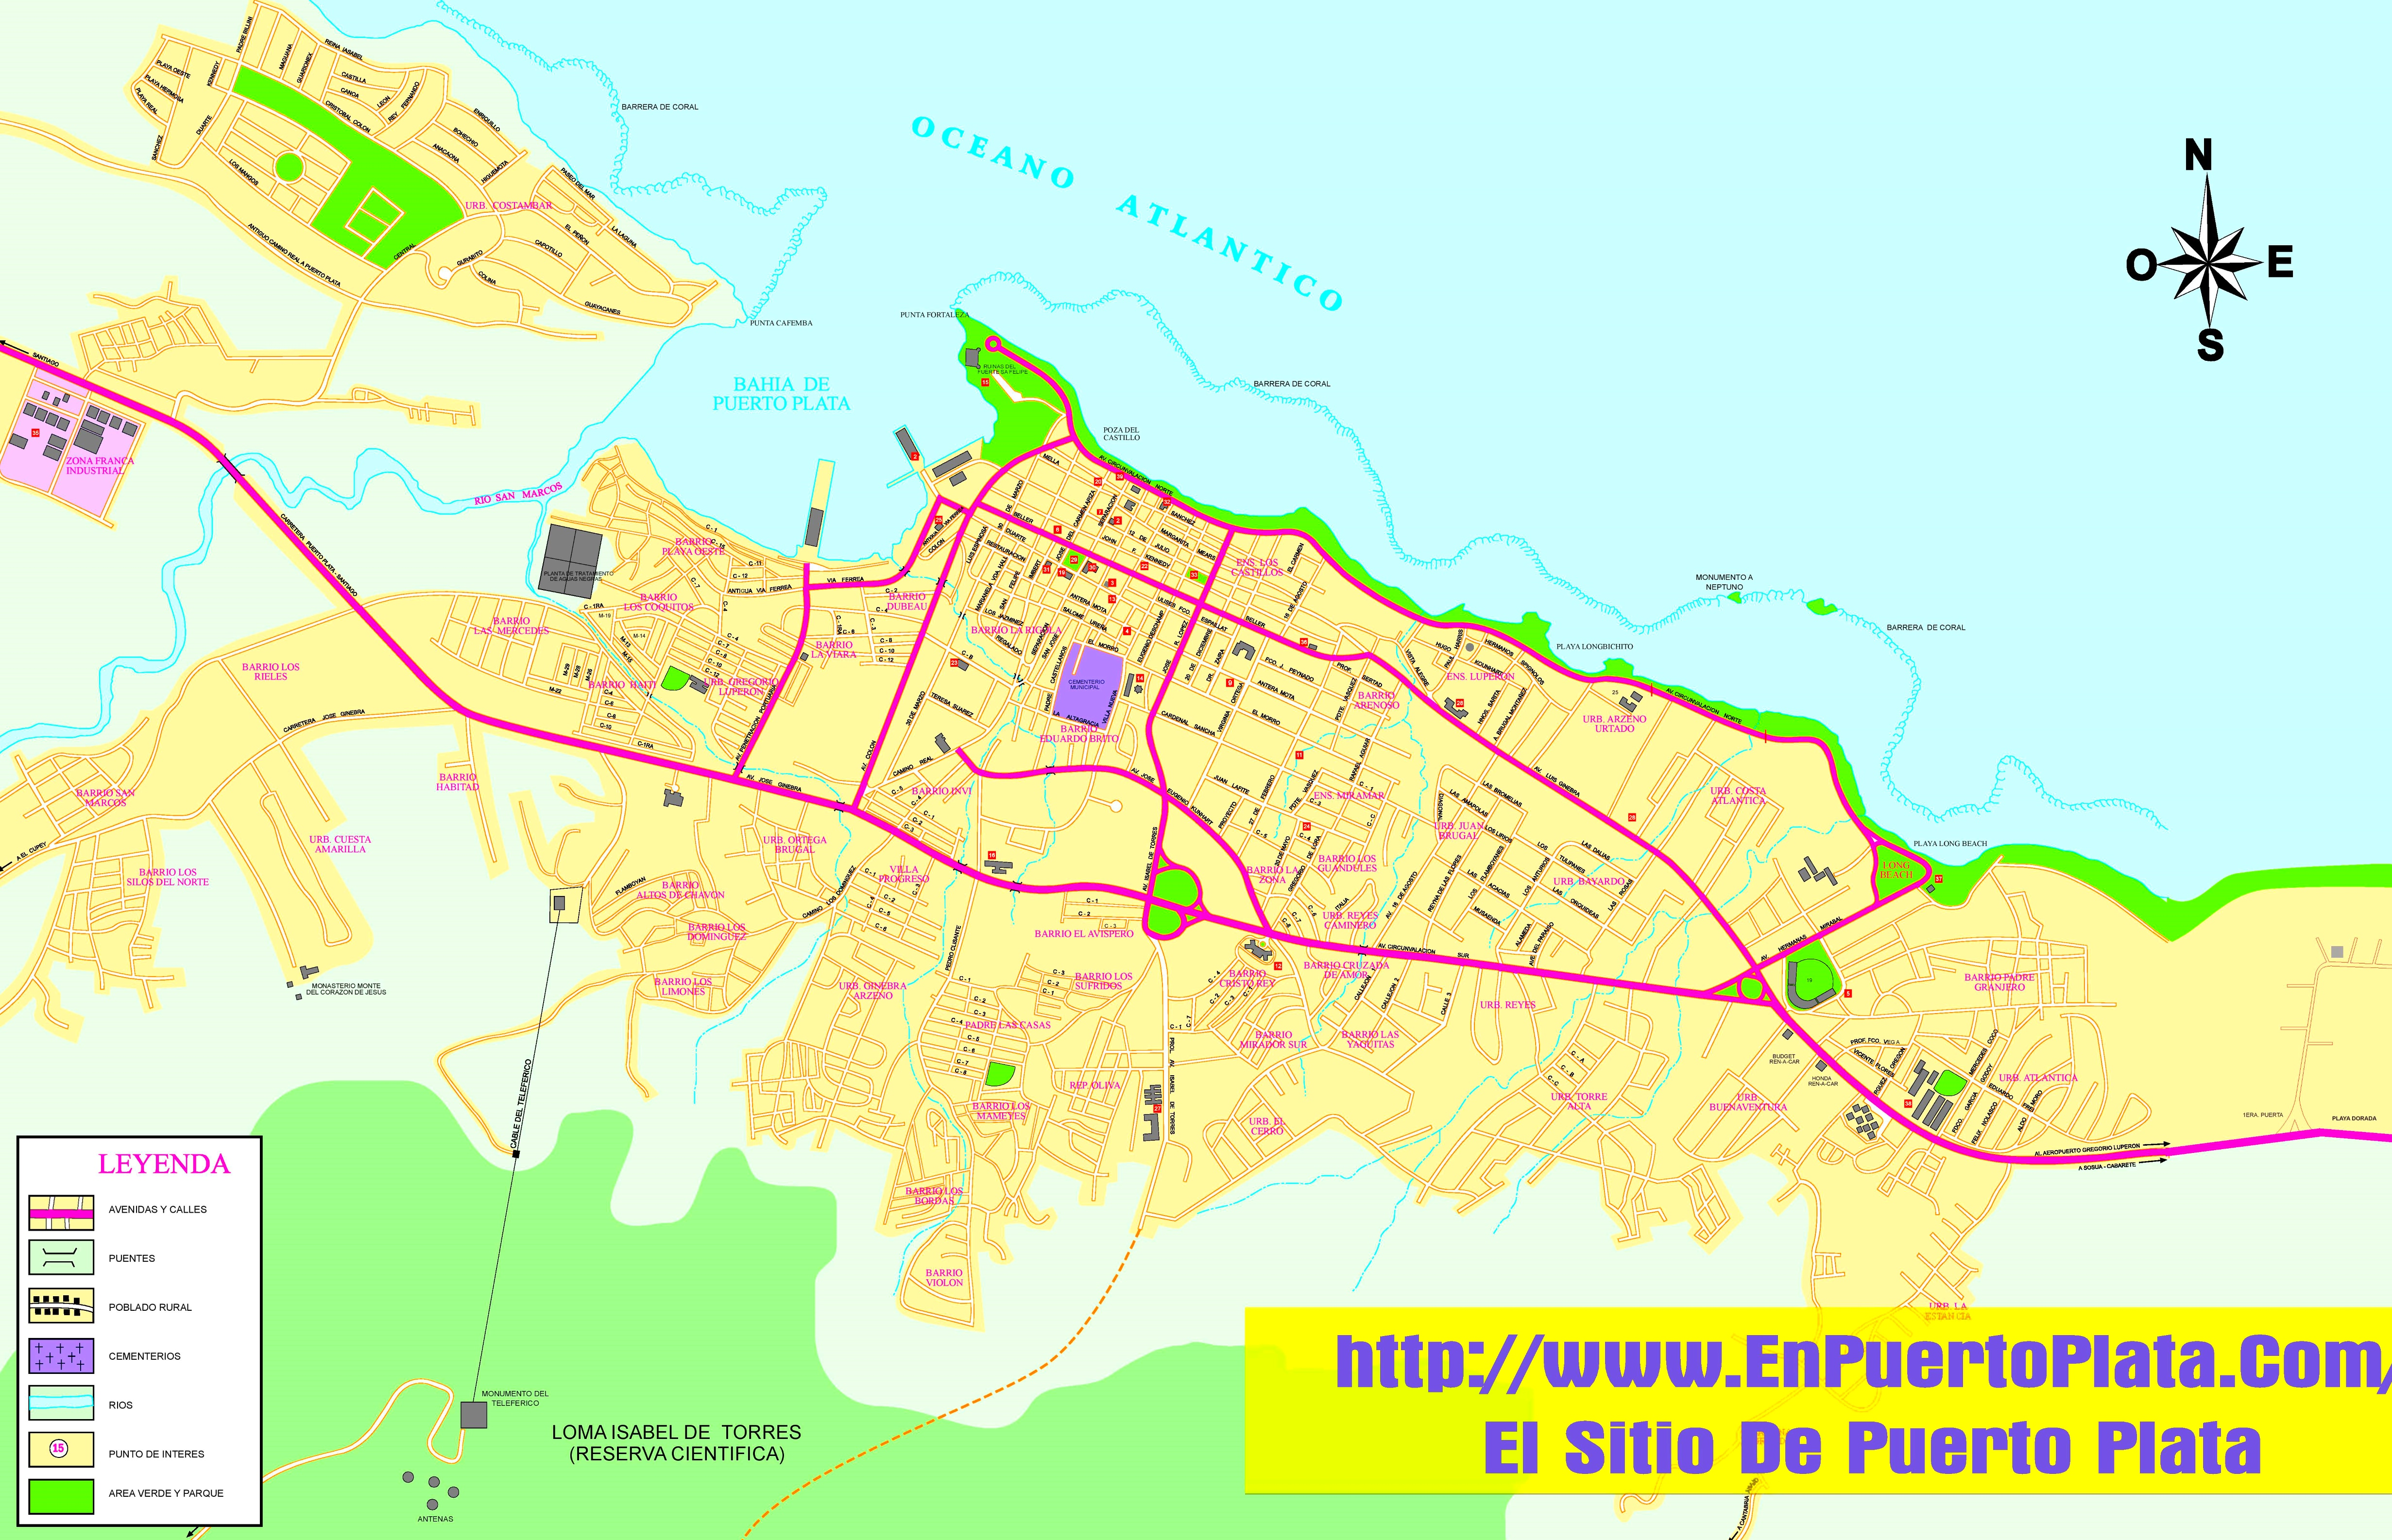 Puerto Plata sightseeing map